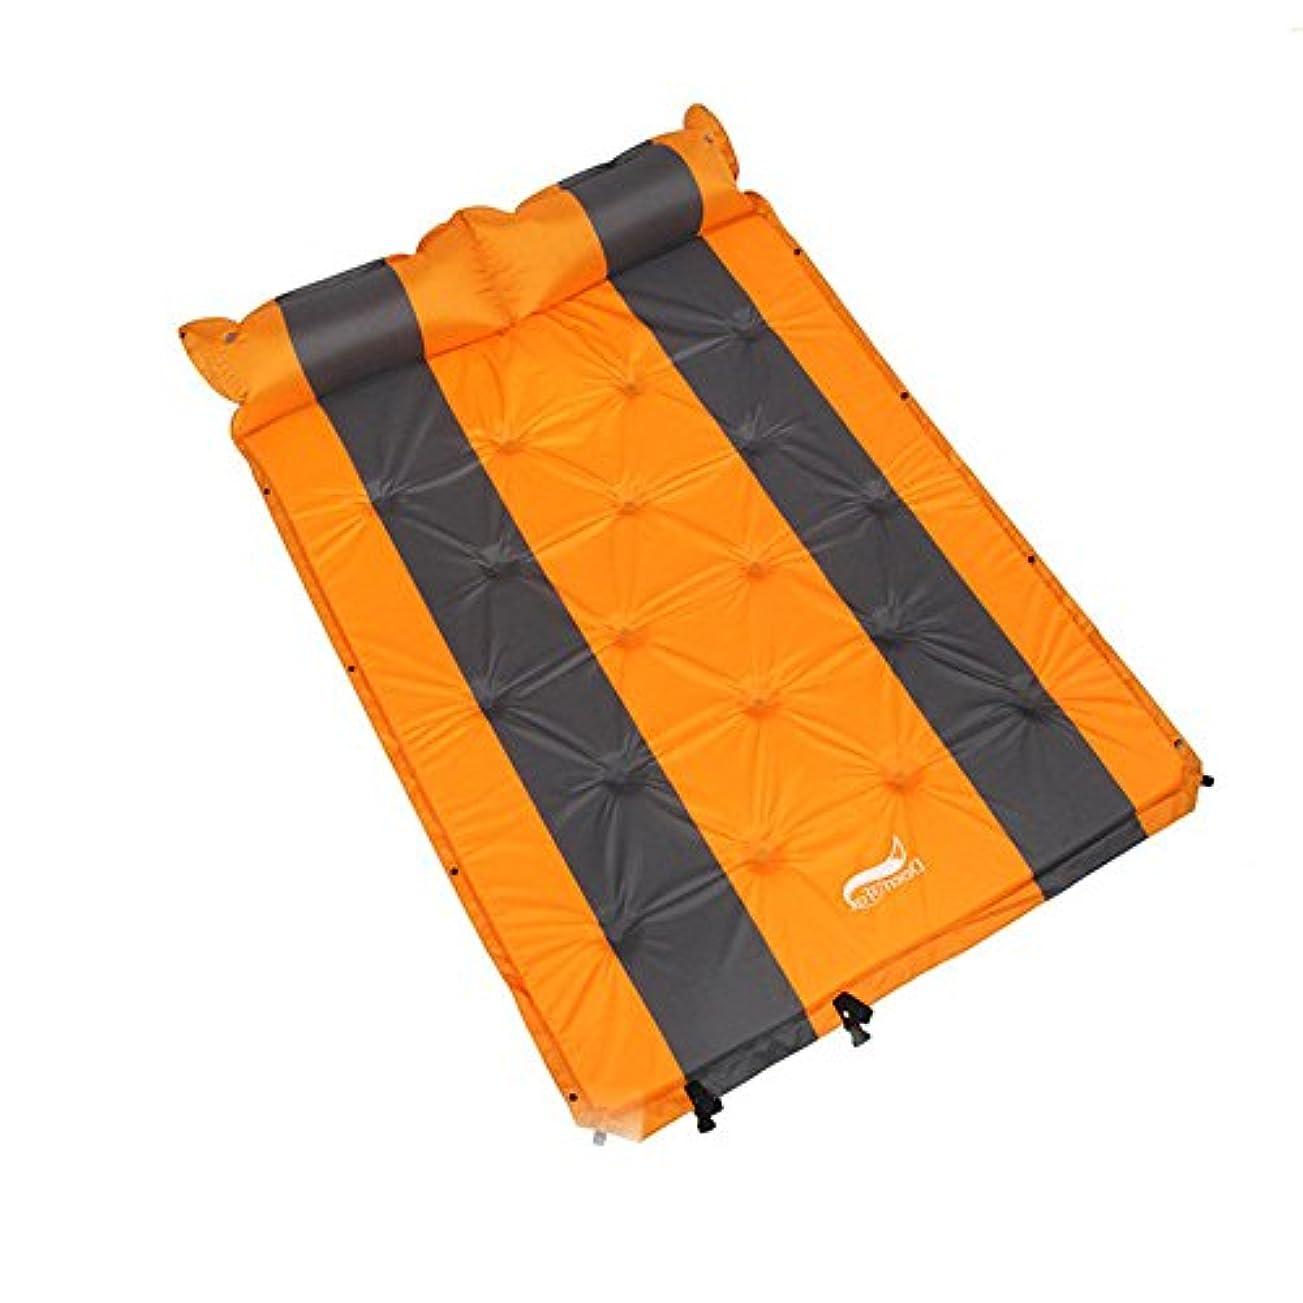 泥硬さ虐殺屋外のキャンプのための付属の膨脹可能な枕が付いている速い流れ弁そして二重膨脹可能な寝台、自己膨脹の空気の寝台を背負ってバックパッキング、